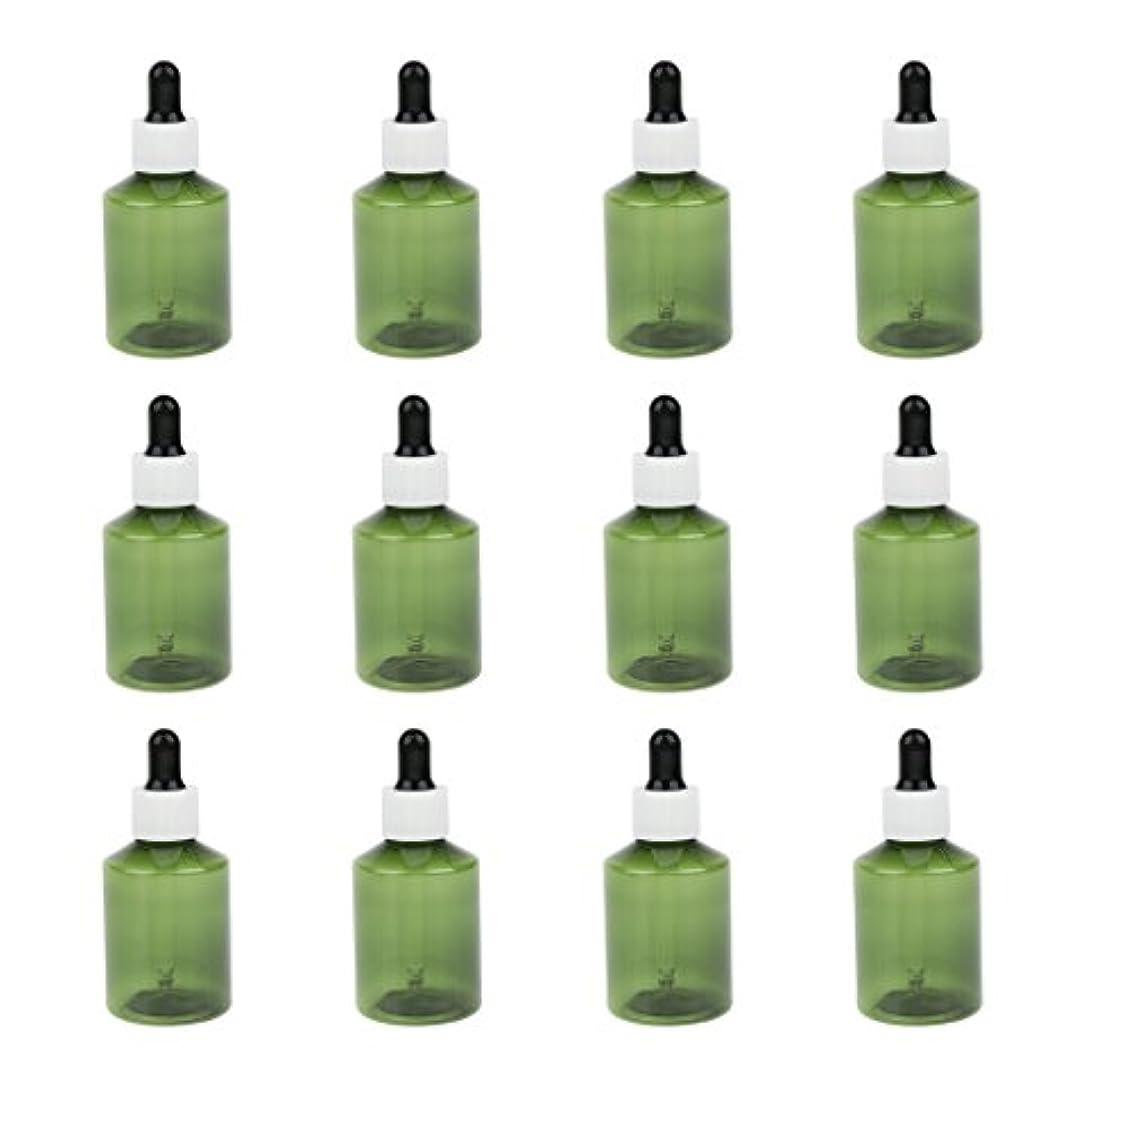 溢れんばかりの肥料材料ドロッパーボトル 詰め替え式 点滴びん 50ml エッセンシャルオイル 精油 6仕様選べ - ホワイトキャップブラックドロッパー